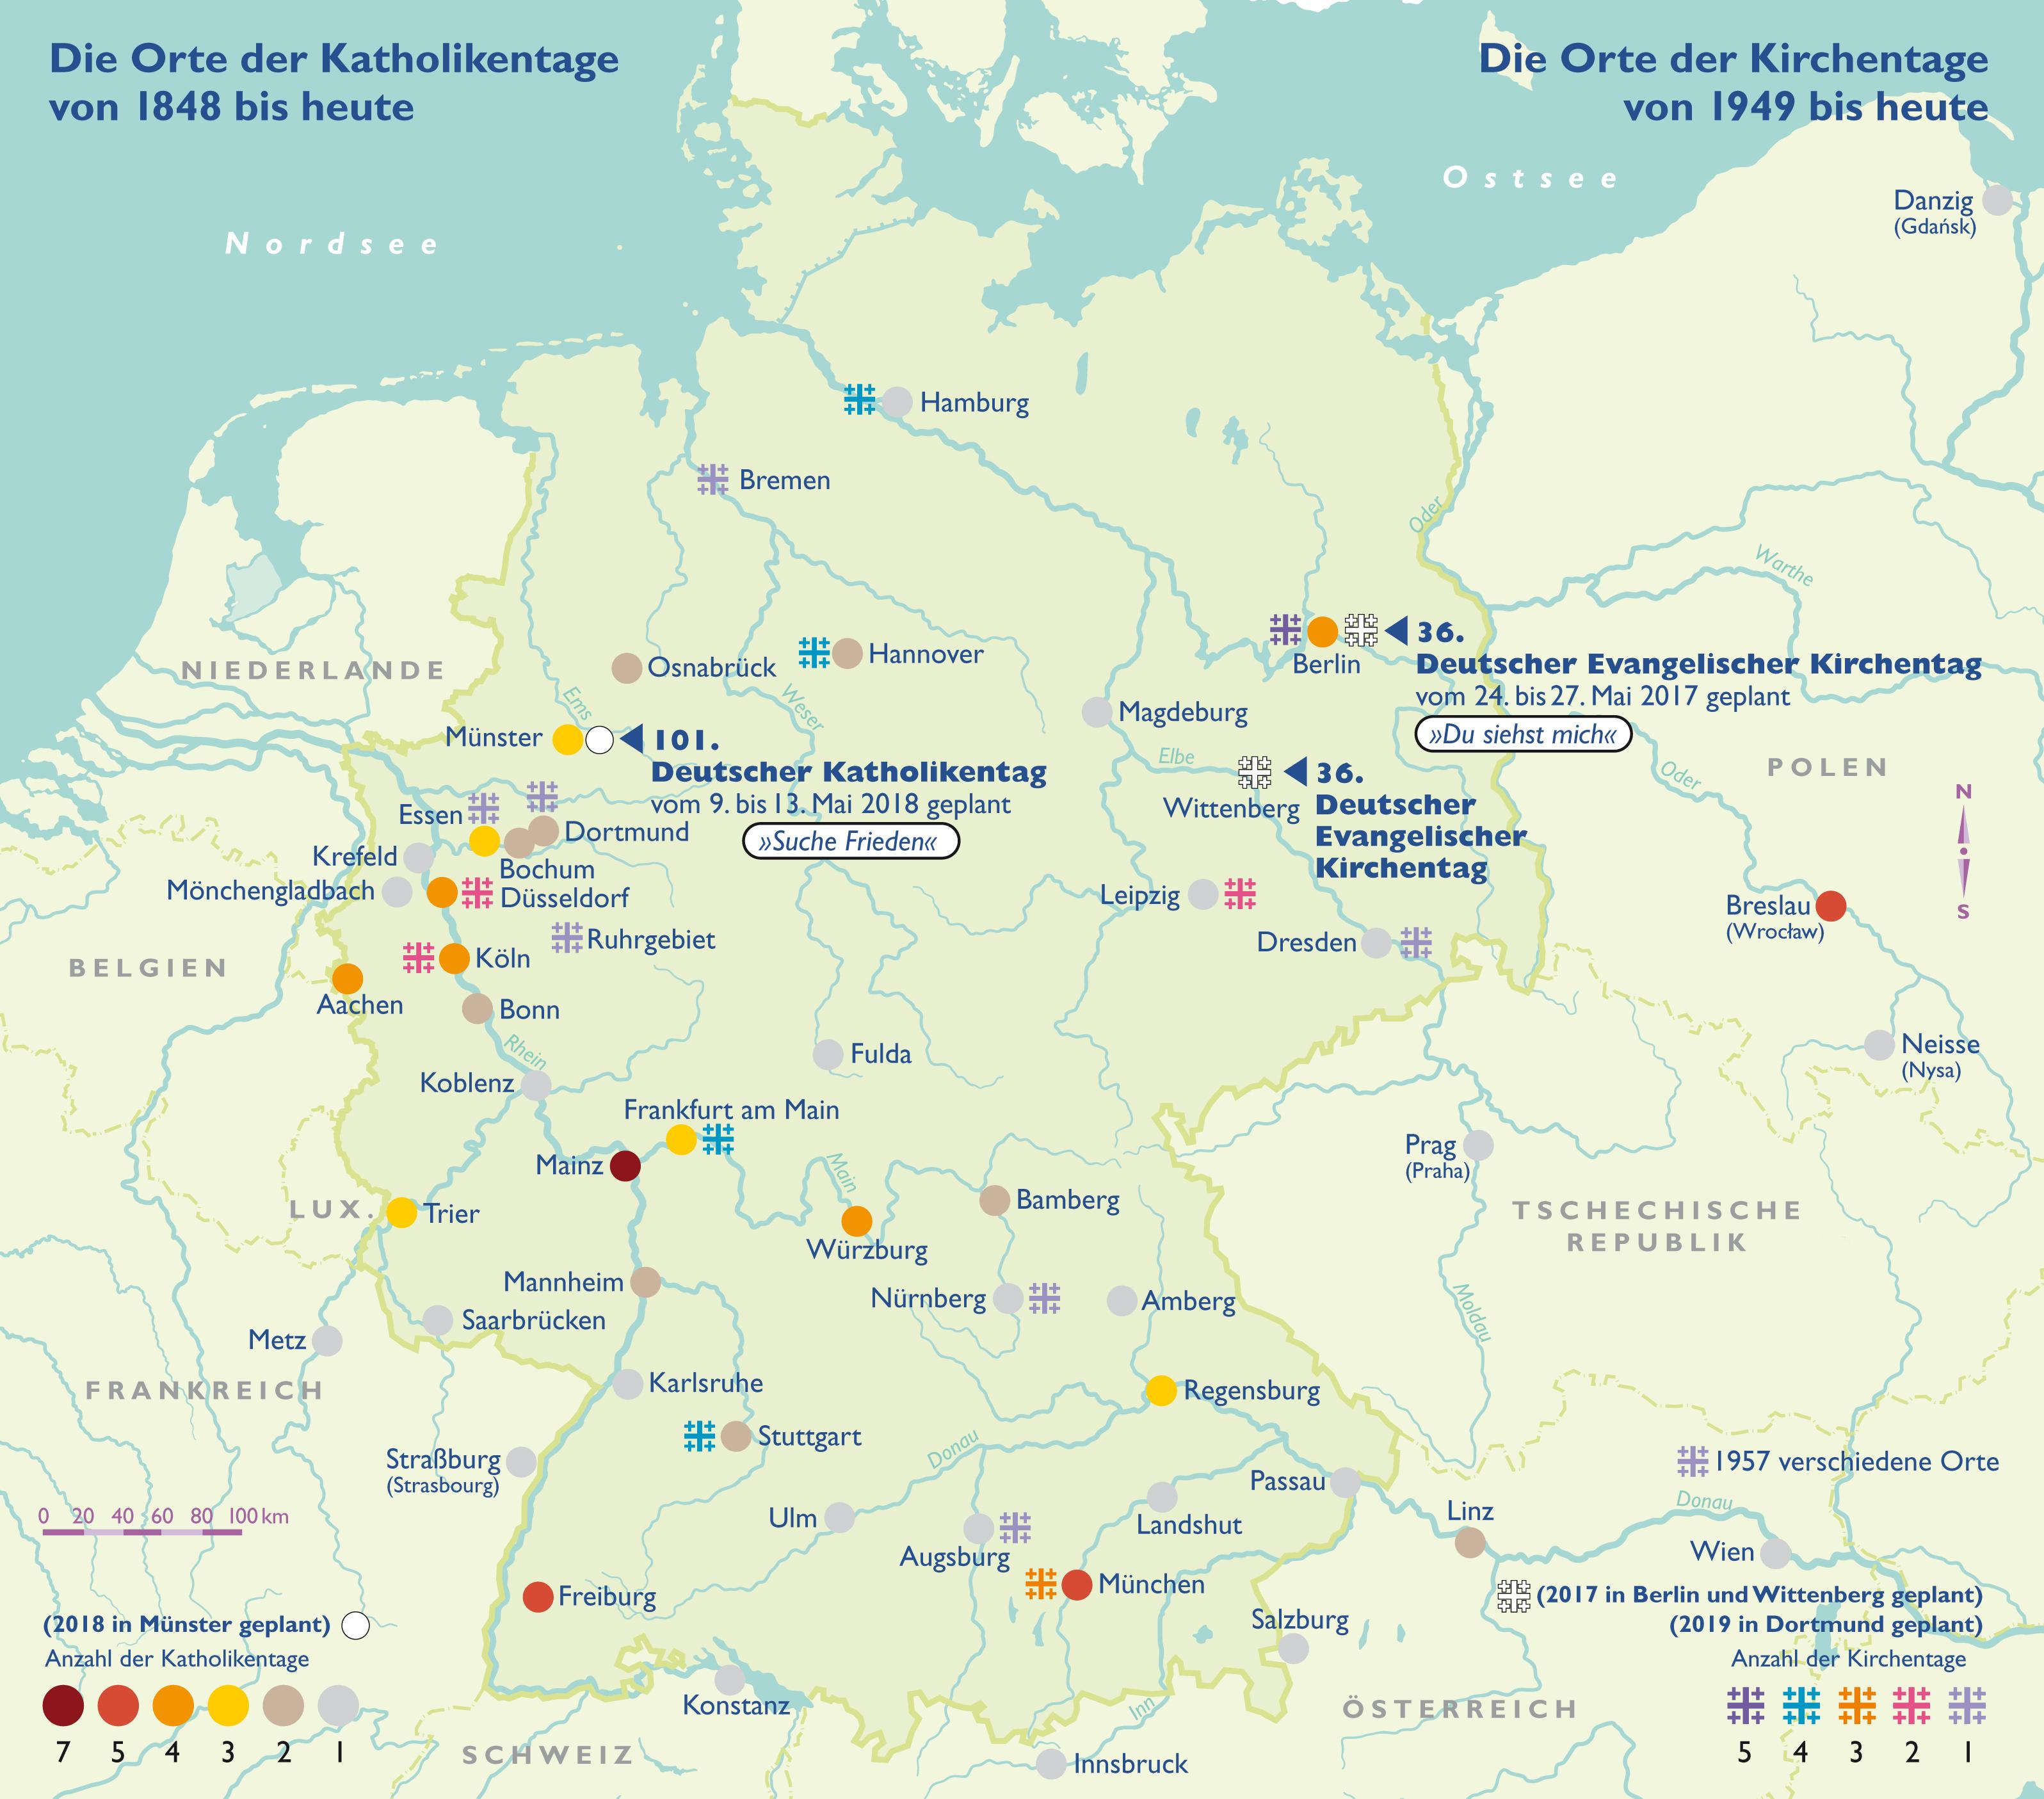 Schlacht Um Stalingrad Karte.Peter Palm Karte Der Woche